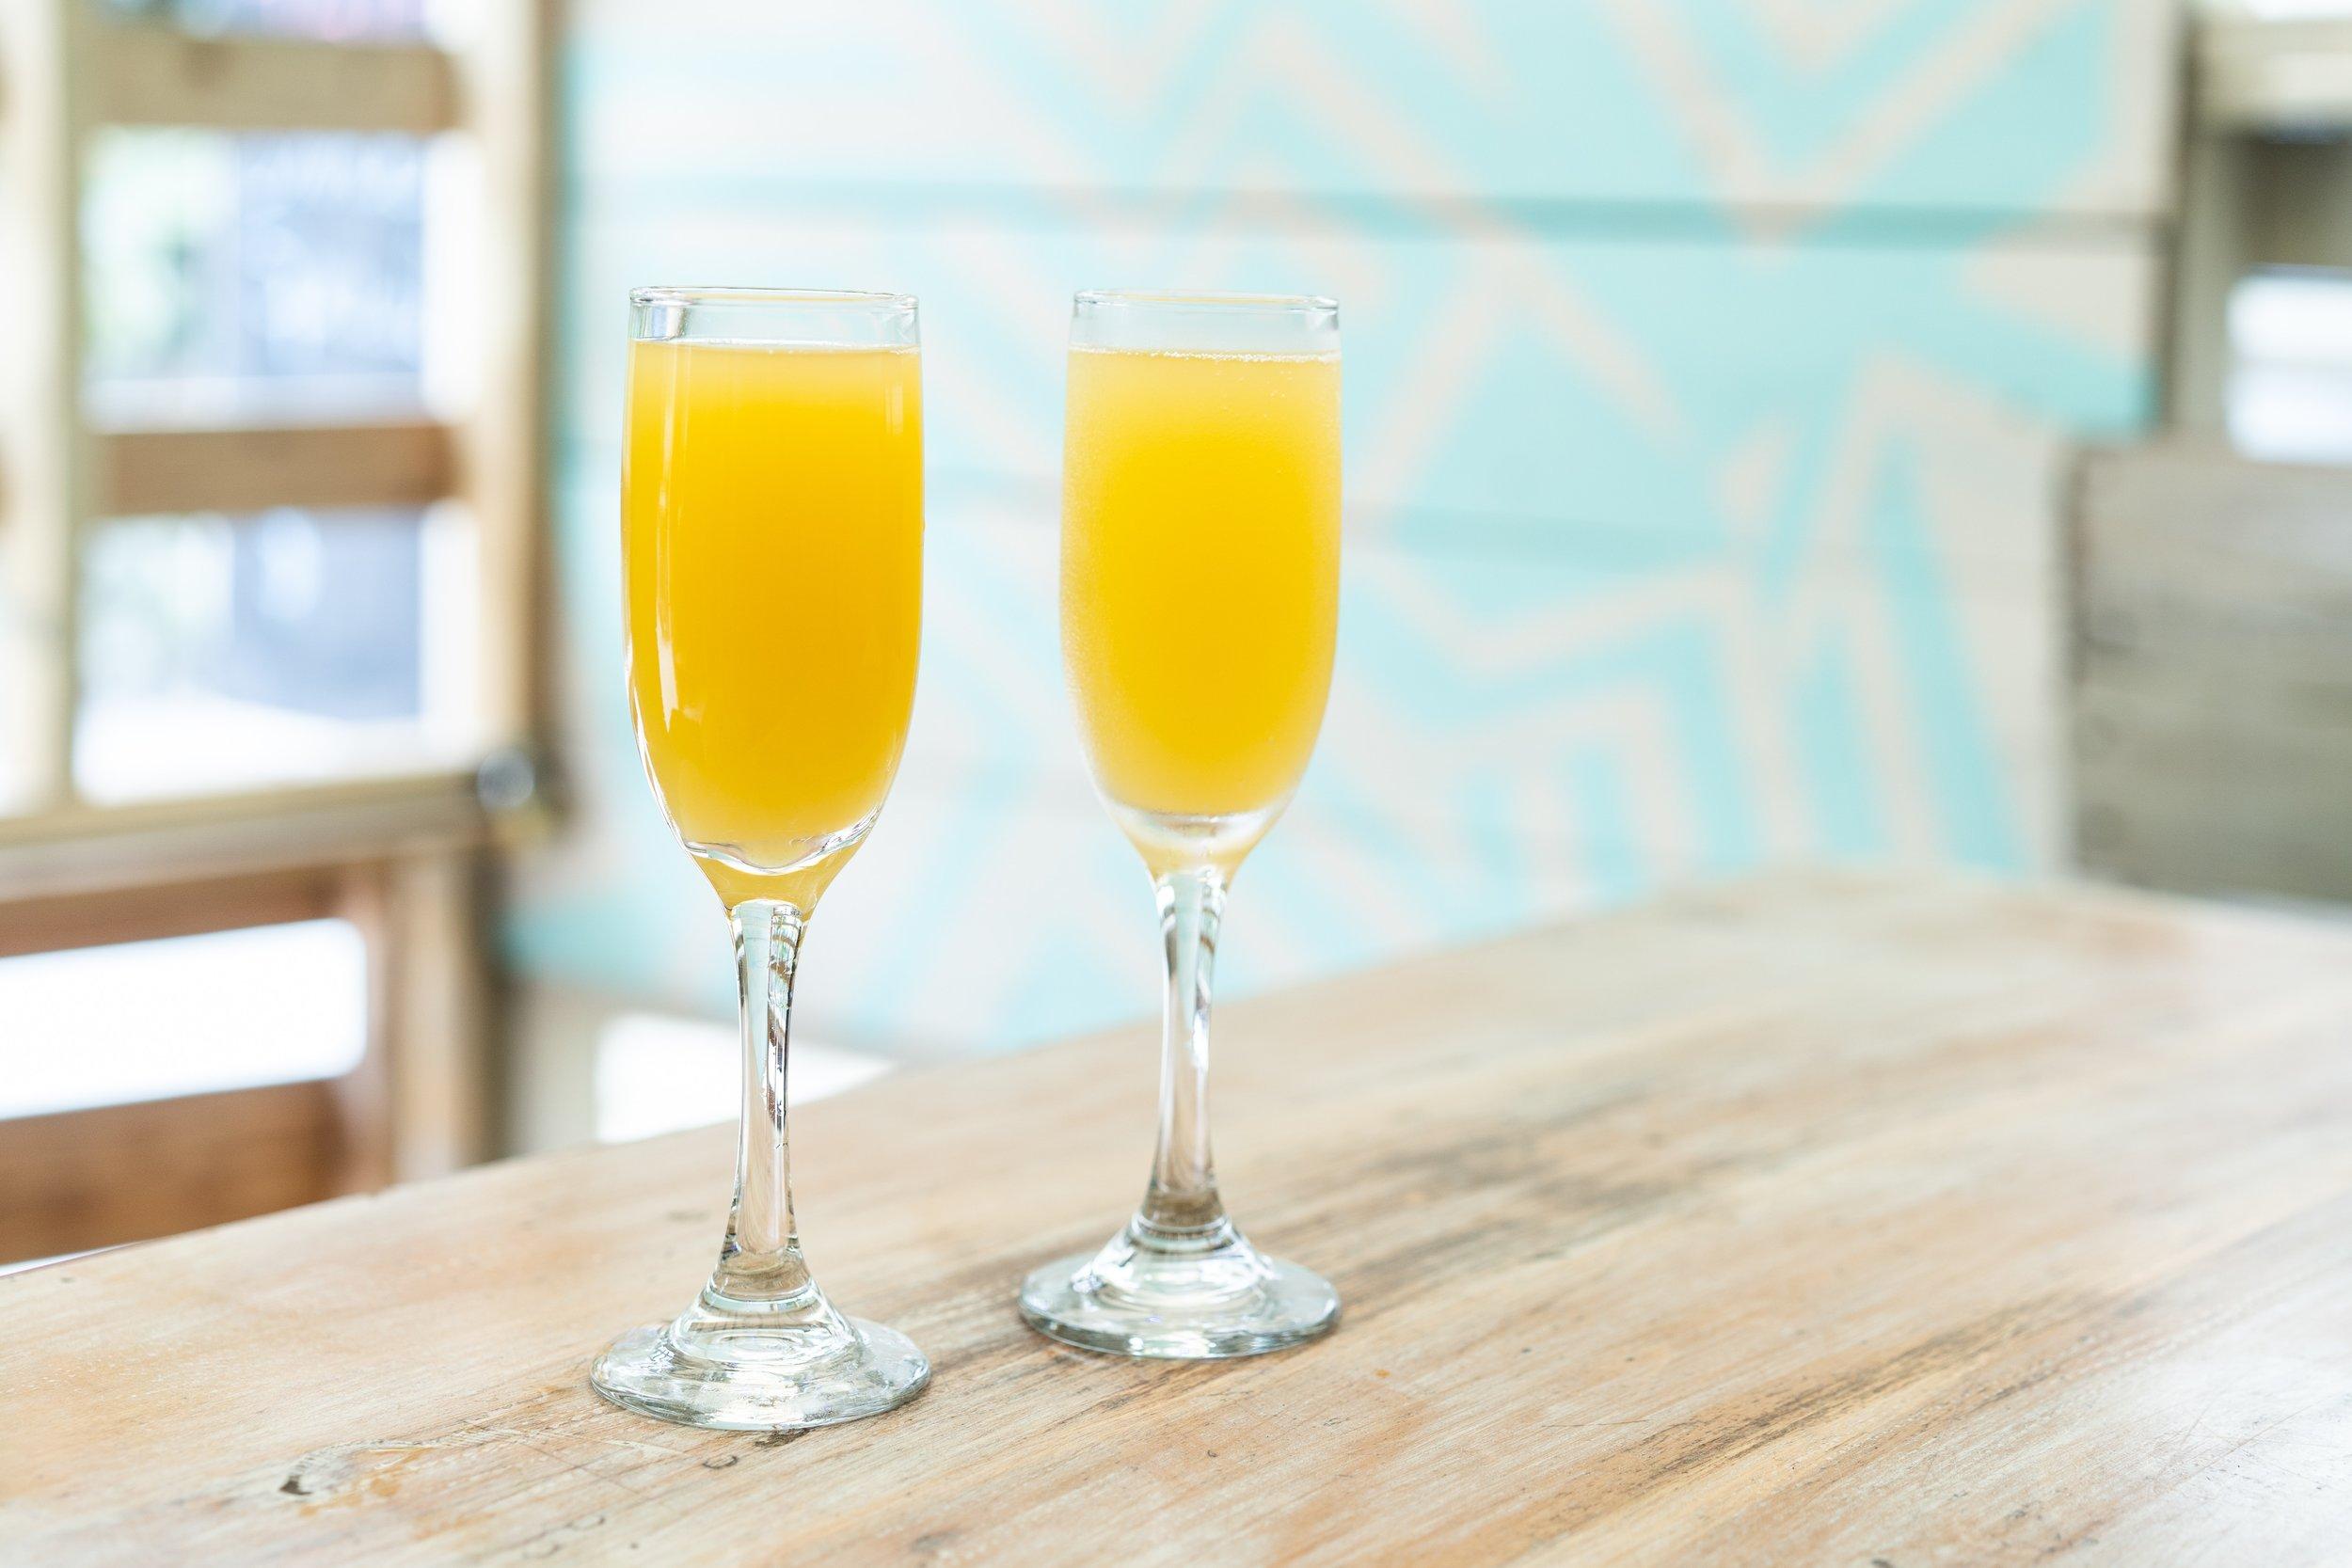 Fresh, local, orange juice - Burns Square Historic Vacation Rentals